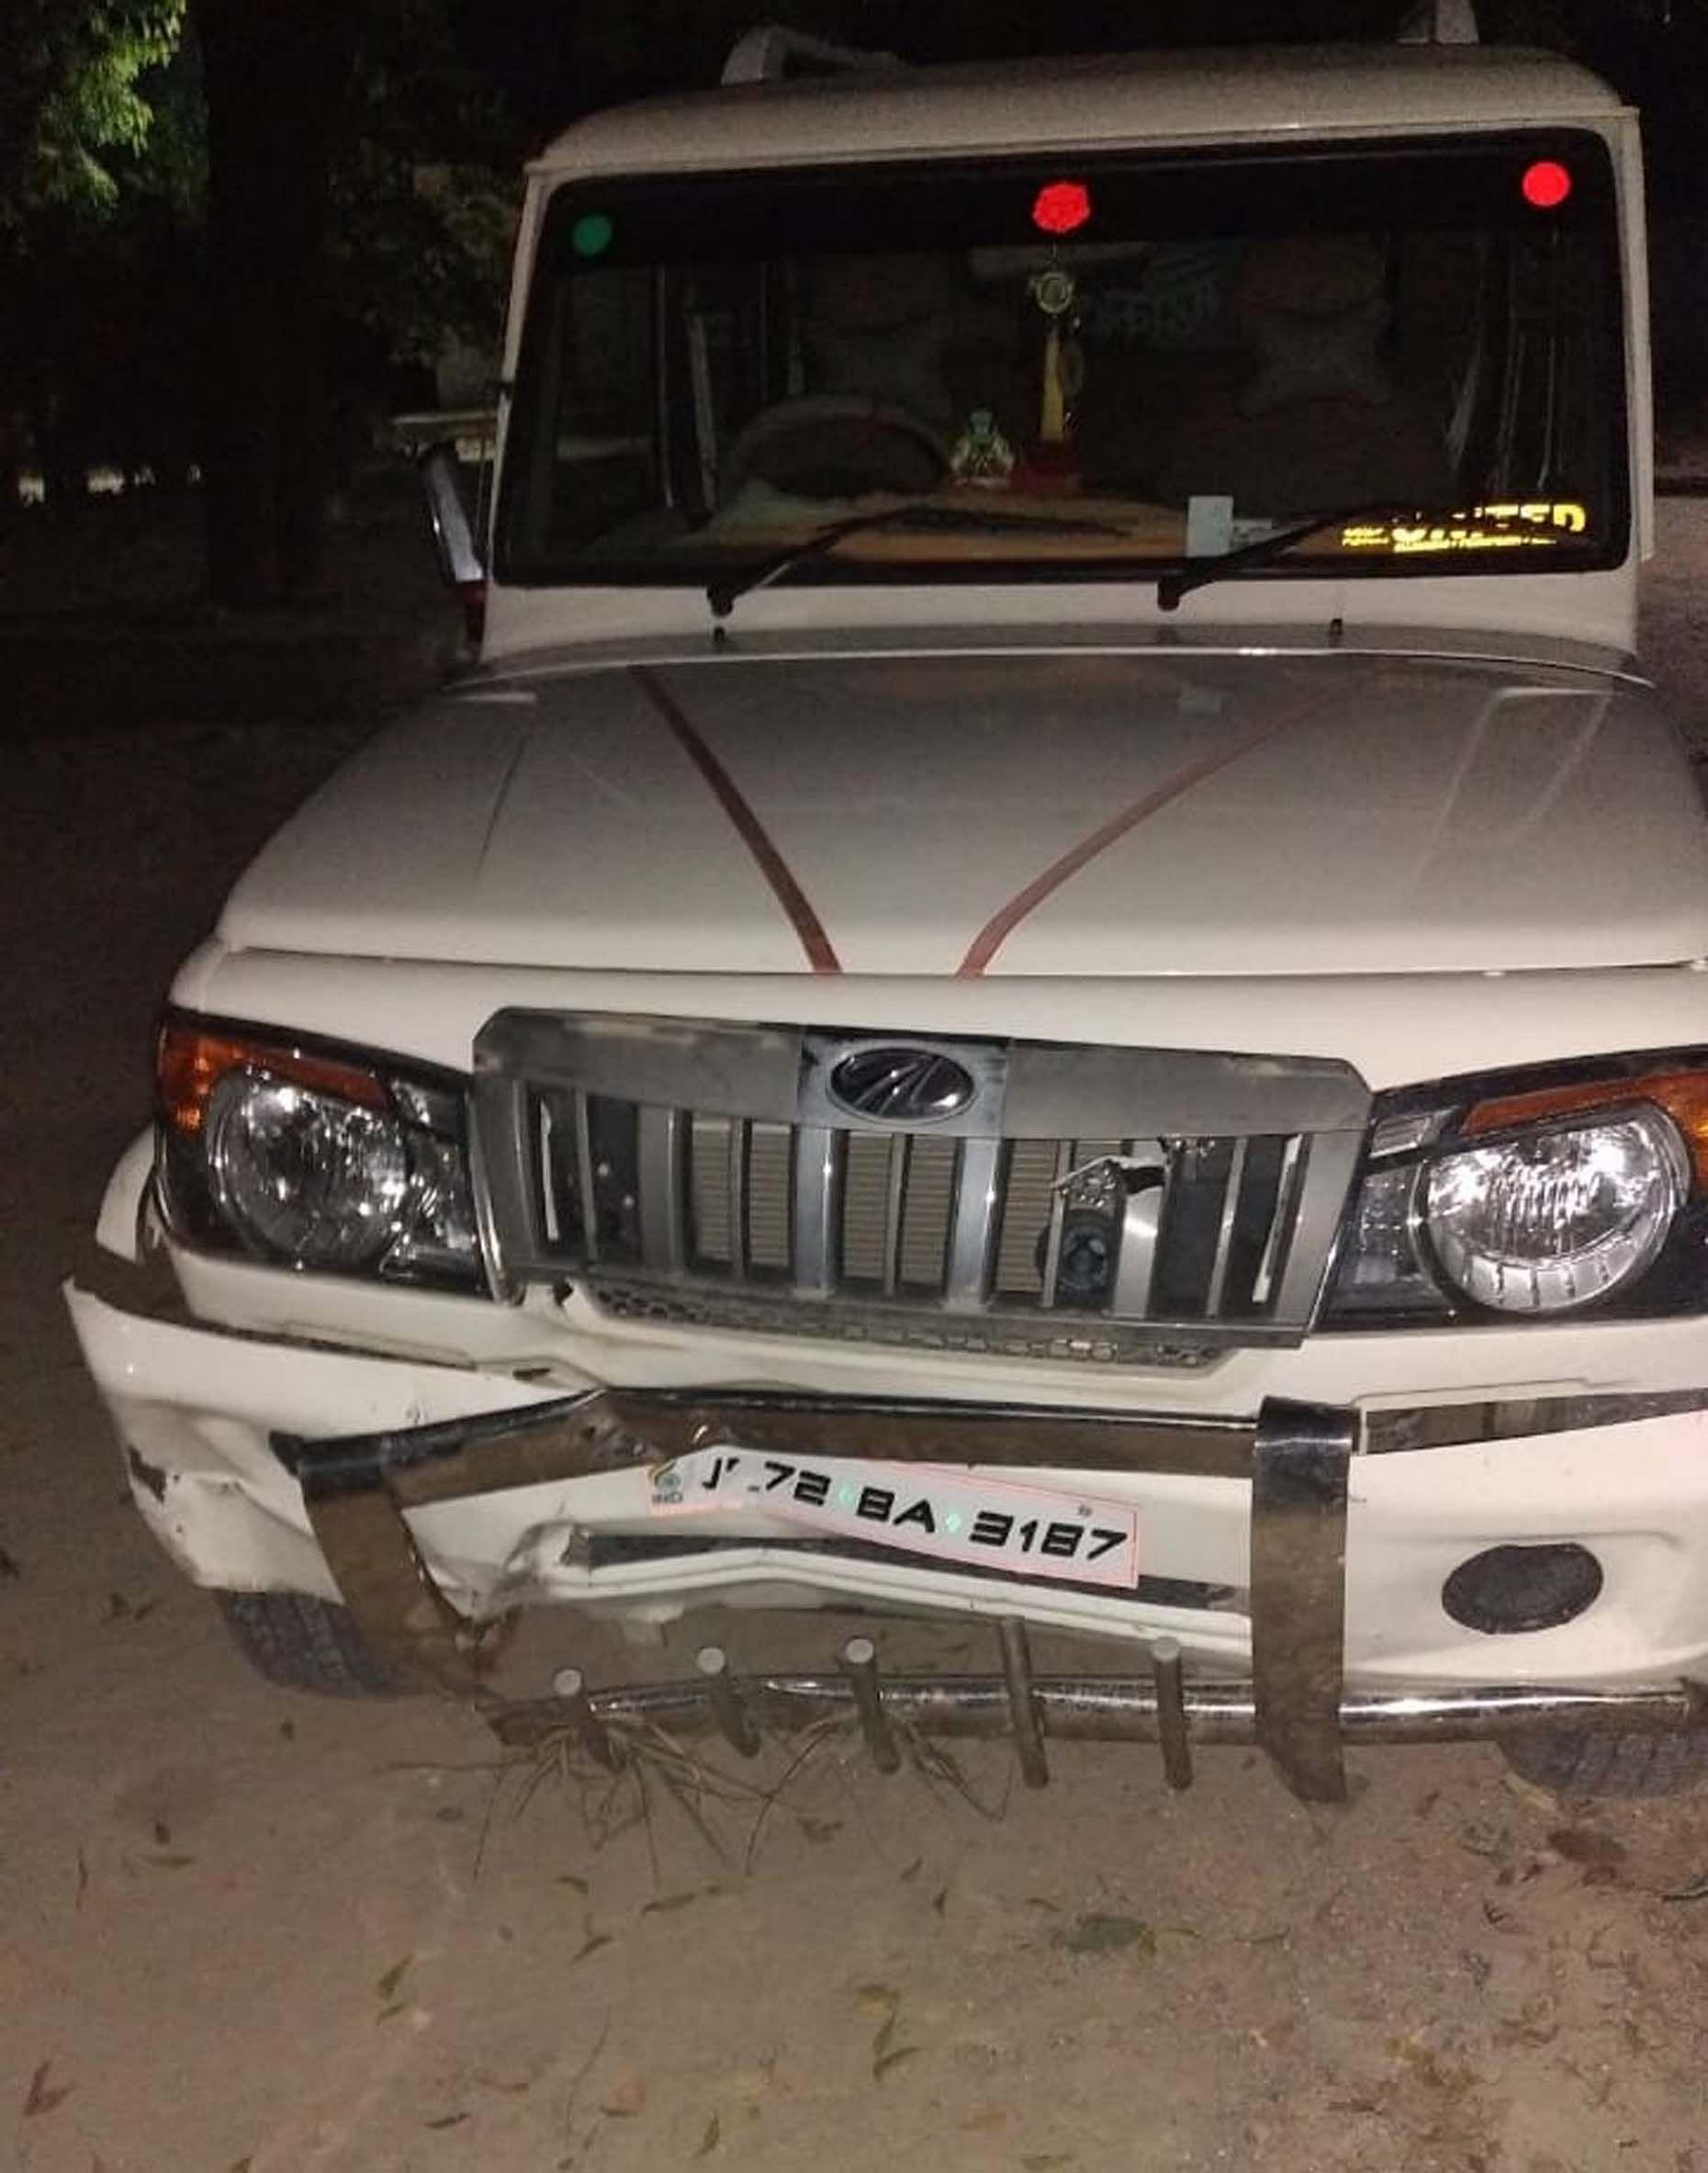 कंधई थाने के आसलपुर में बाइक को टक्कर मारने के बाद पकड़ी गयी बोलेरो।